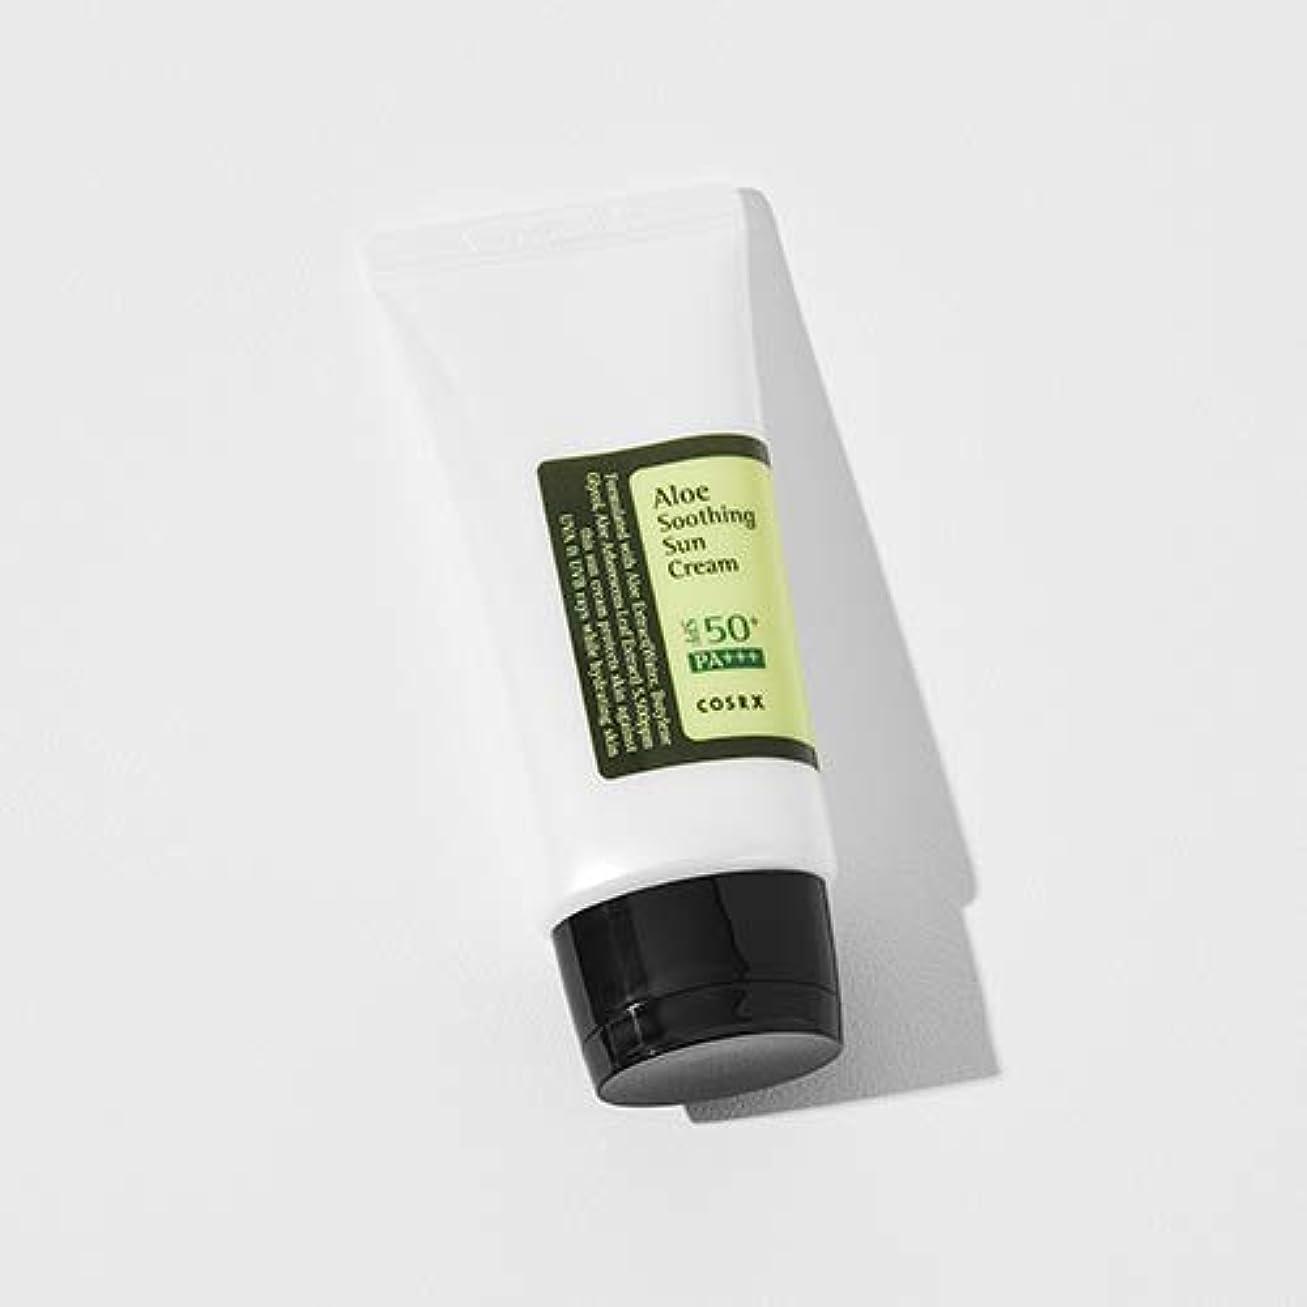 周り小学生アロング[COSRX] Aloe Soothing Sun Cream 50ml / [COSRX] アロエ スーディング サンクリーム 50ml [並行輸入品]